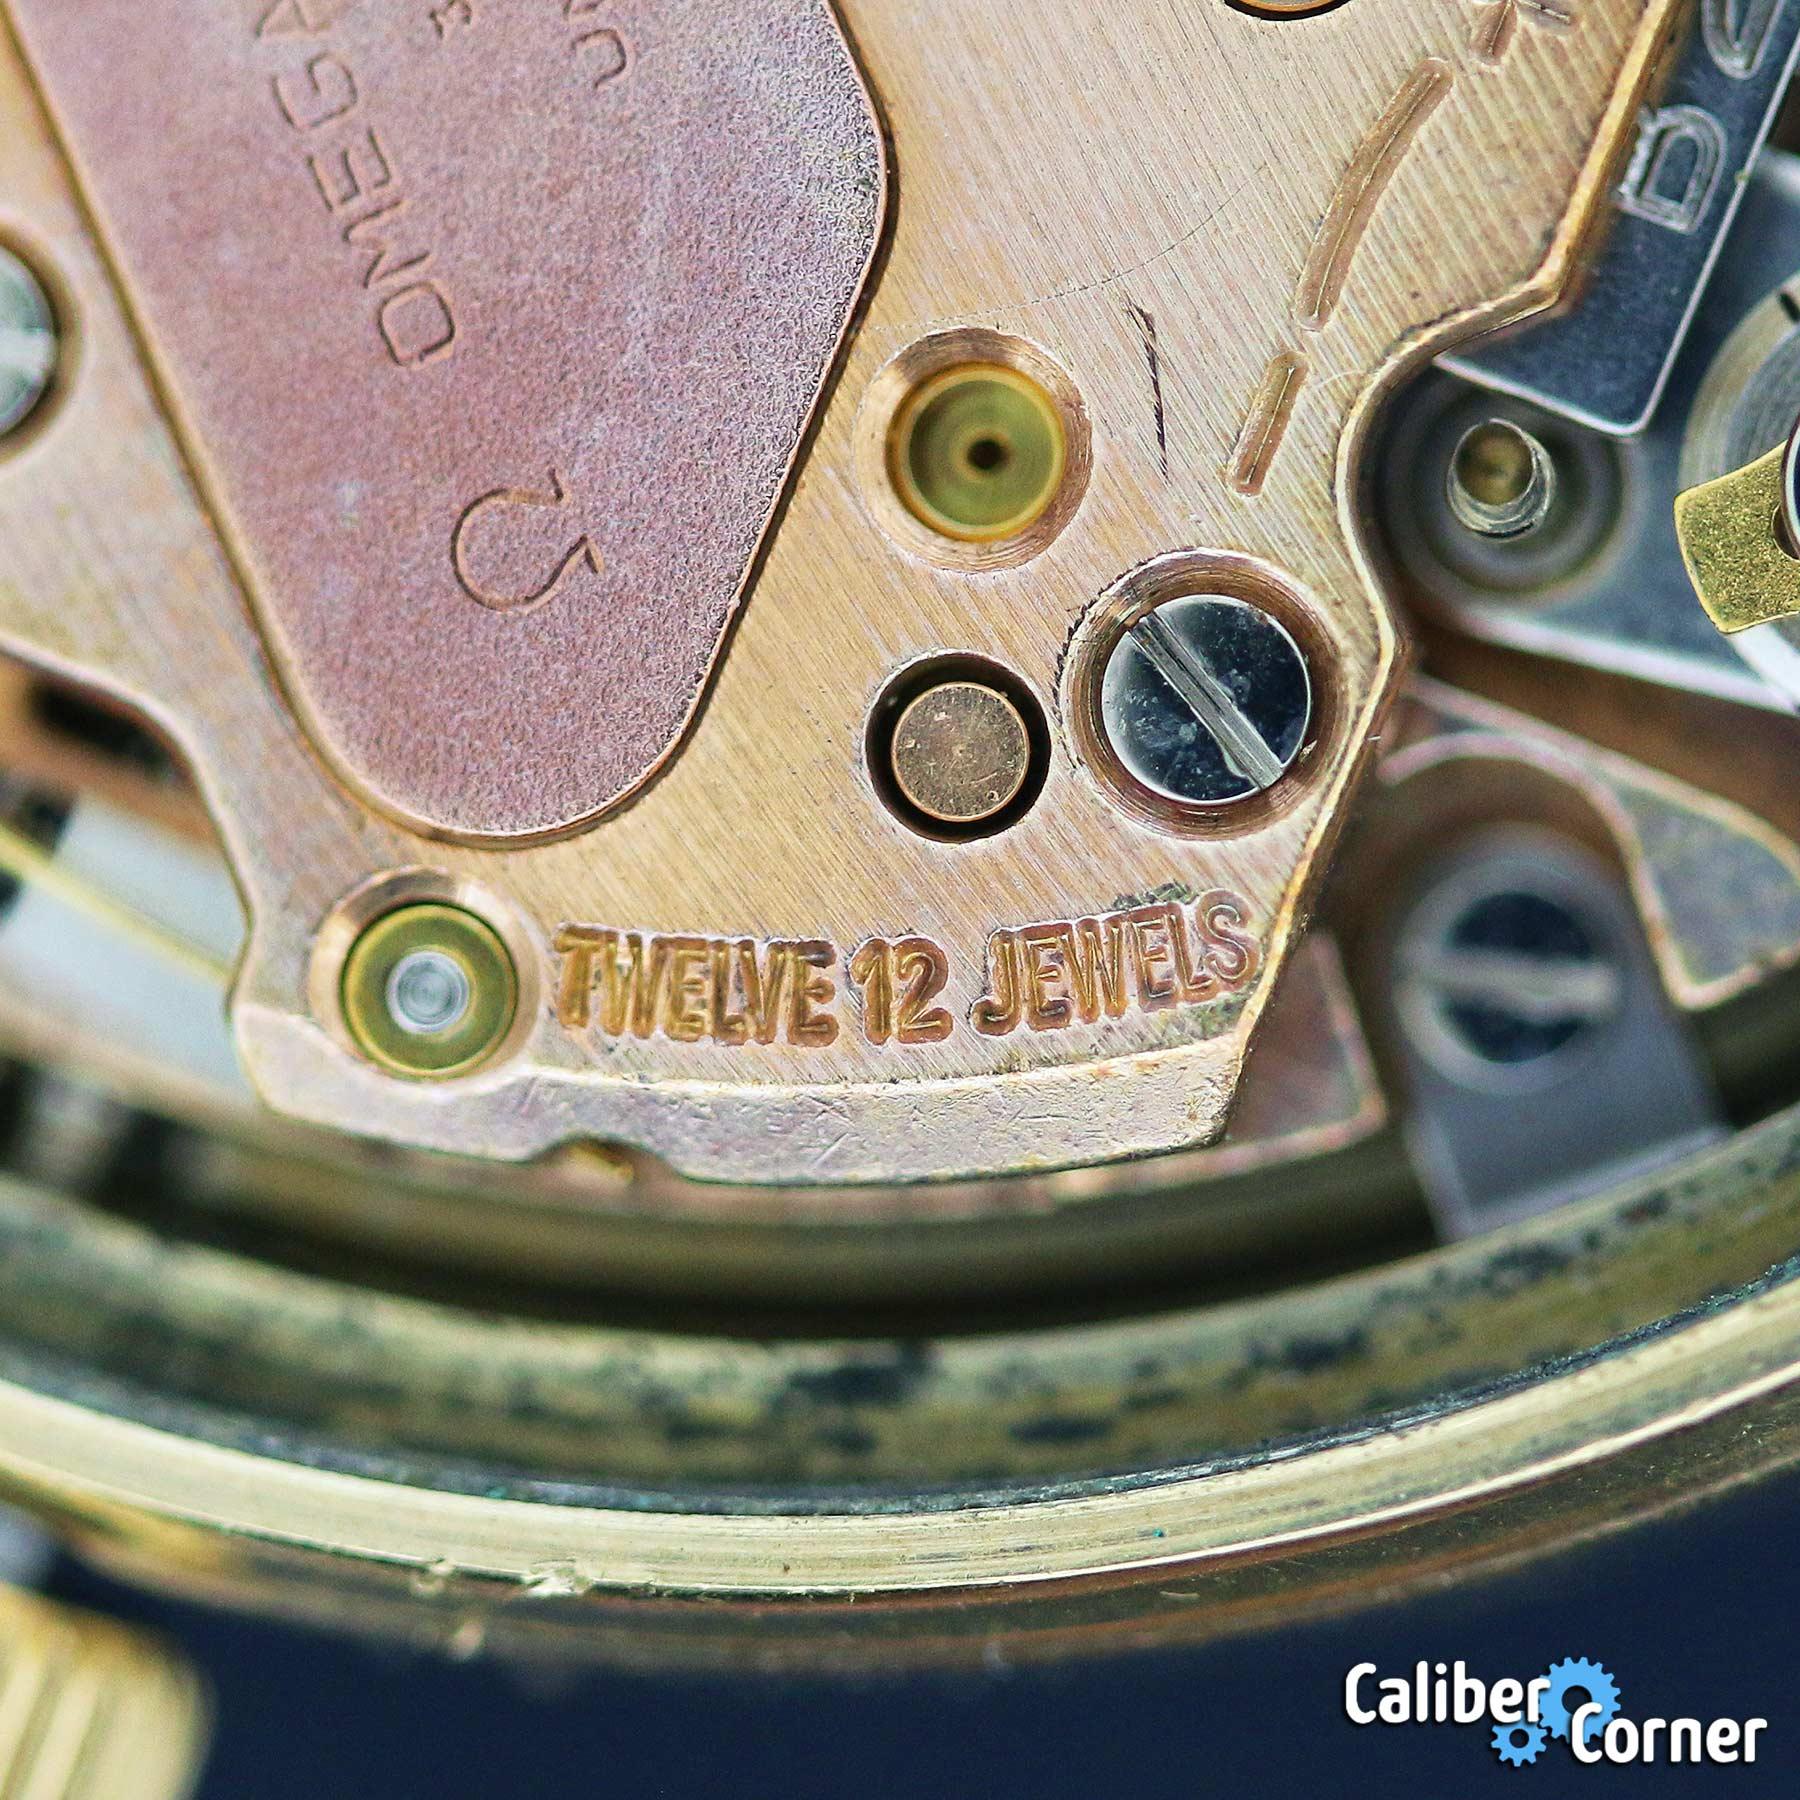 Omega Caliber 1250 12 Jewels